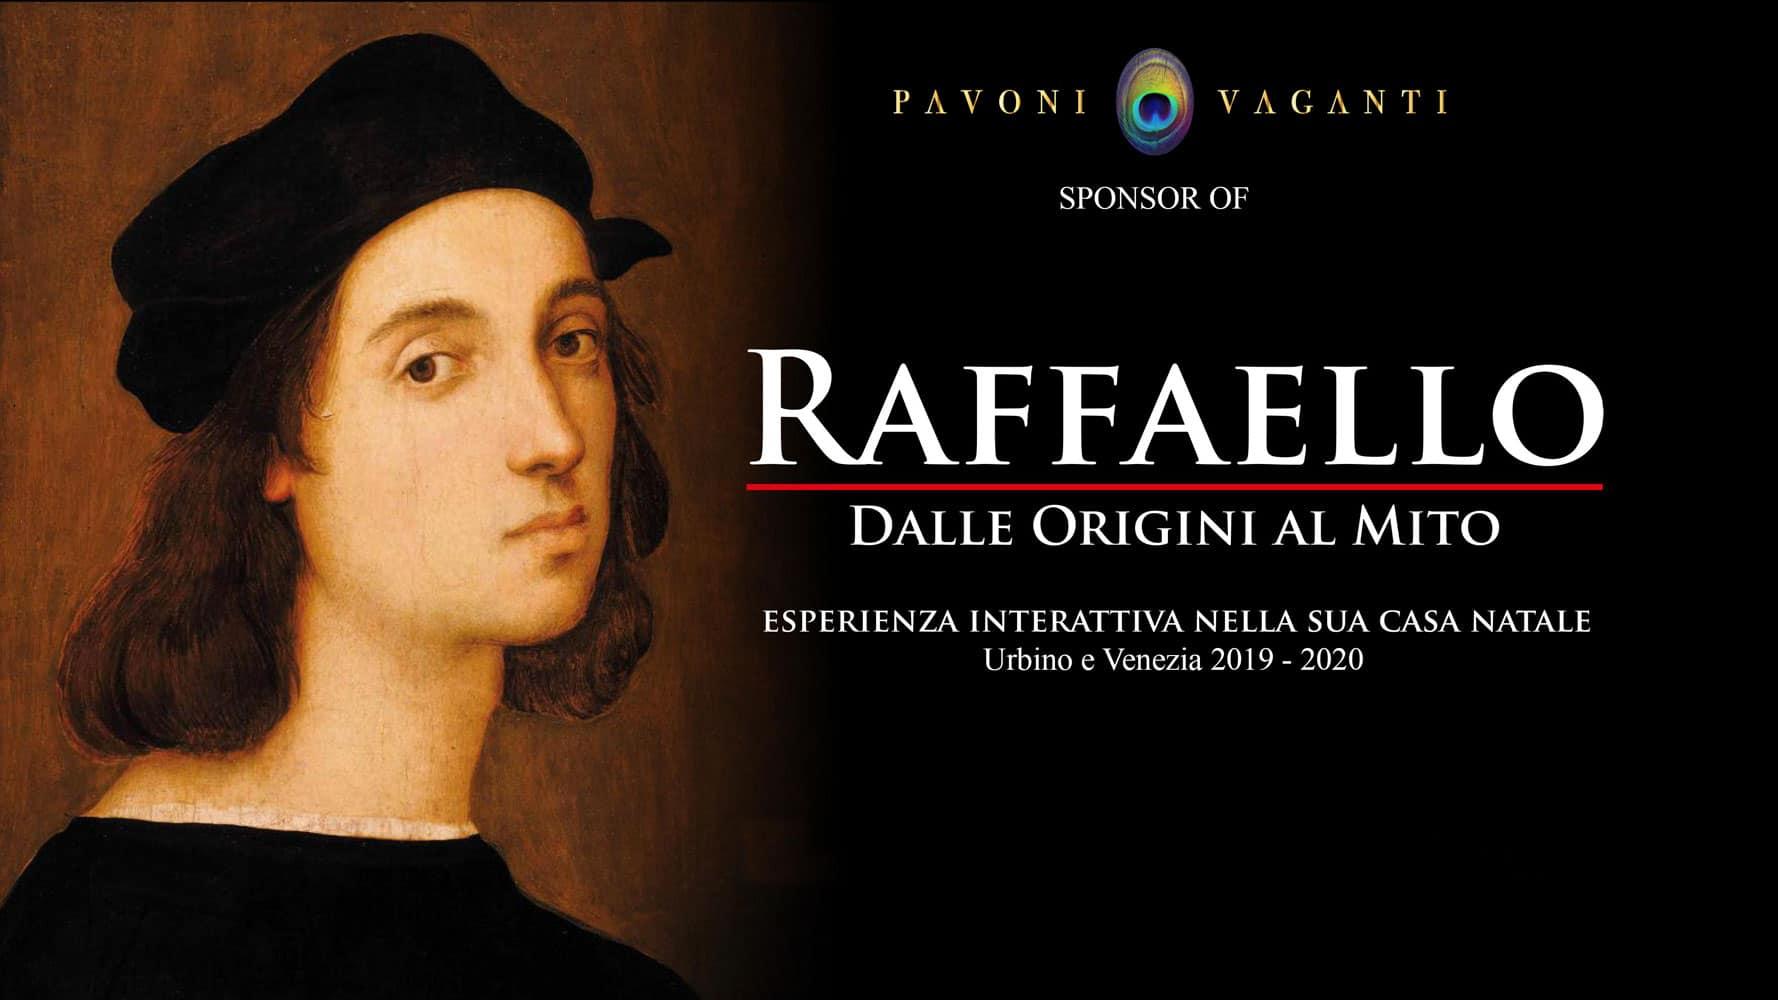 Raffaello sito